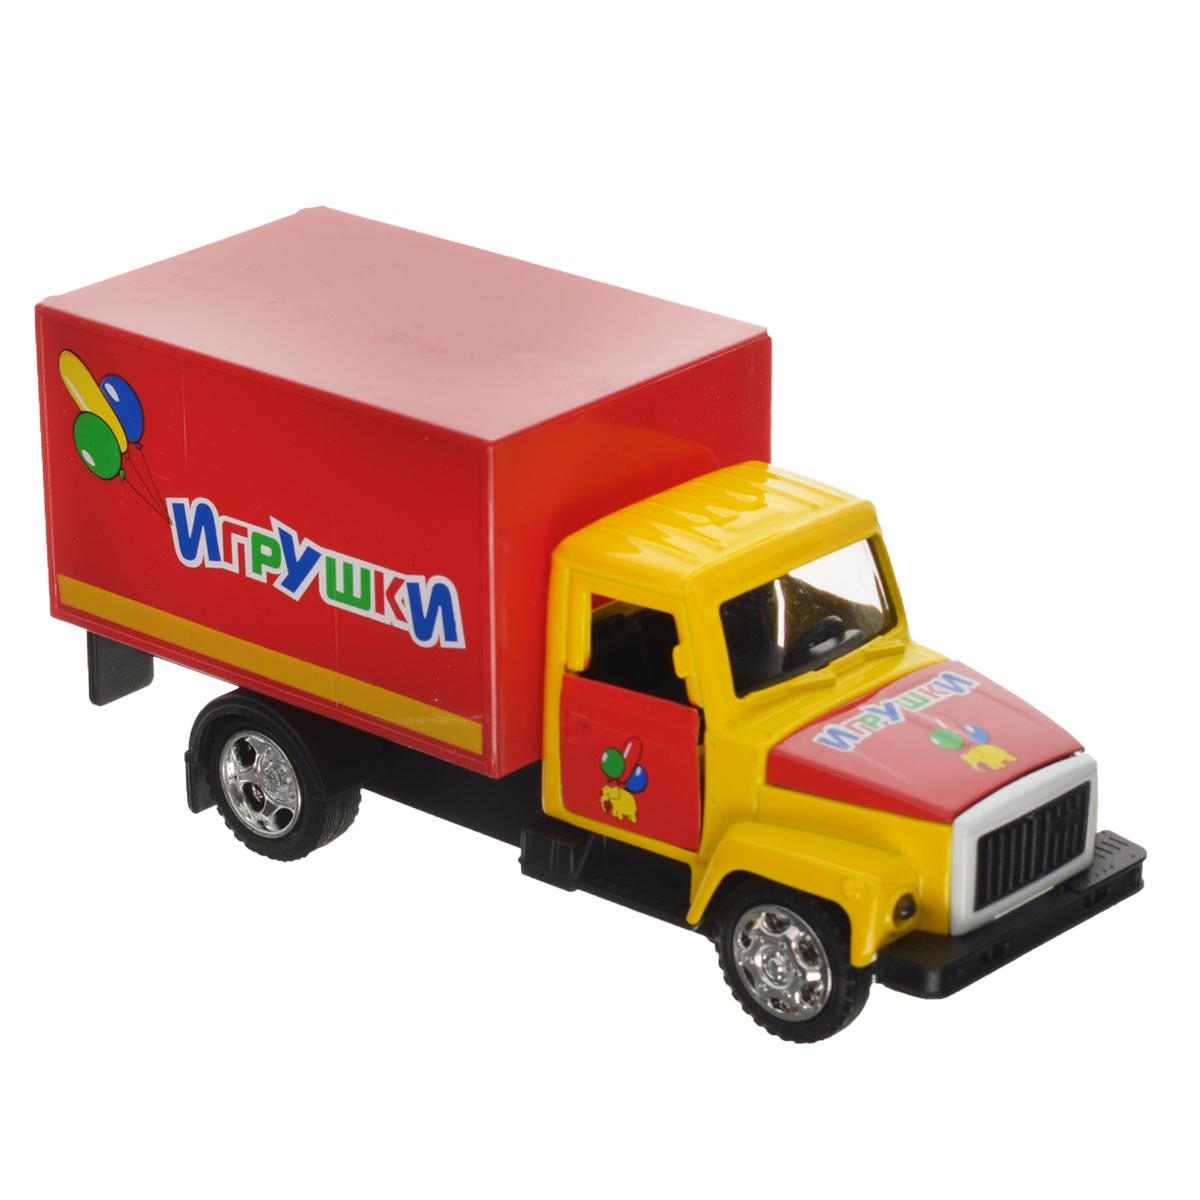 ТехноПарк Машинка инерционная ГАЗ 3307 ИгрушкиCT10-055-6Инерционная машинка ТехноПарк ГАЗ 3307: Игрушки, выполненная из пластика и металла, станет любимой забавой вашего малыша. Игрушка представляет собой модель грузового фургона марки ГАЗ 3307. У машинки открывается капот, дверцы кабины и кузова. При нажатии на капот замигают фары и раздастся звук работающего двигателя. Игрушка оснащена инерционным ходом. Машинку необходимо отвести назад, затем отпустить - и она быстро поедет вперед. Прорезиненные колеса обеспечивают надежное сцепление с любой гладкой поверхностью. Ваш ребенок будет часами играть с этой машинкой, придумывая различные истории. Порадуйте его таким замечательным подарком! Машинка работает от батареек (товар комплектуется демонстрационными).